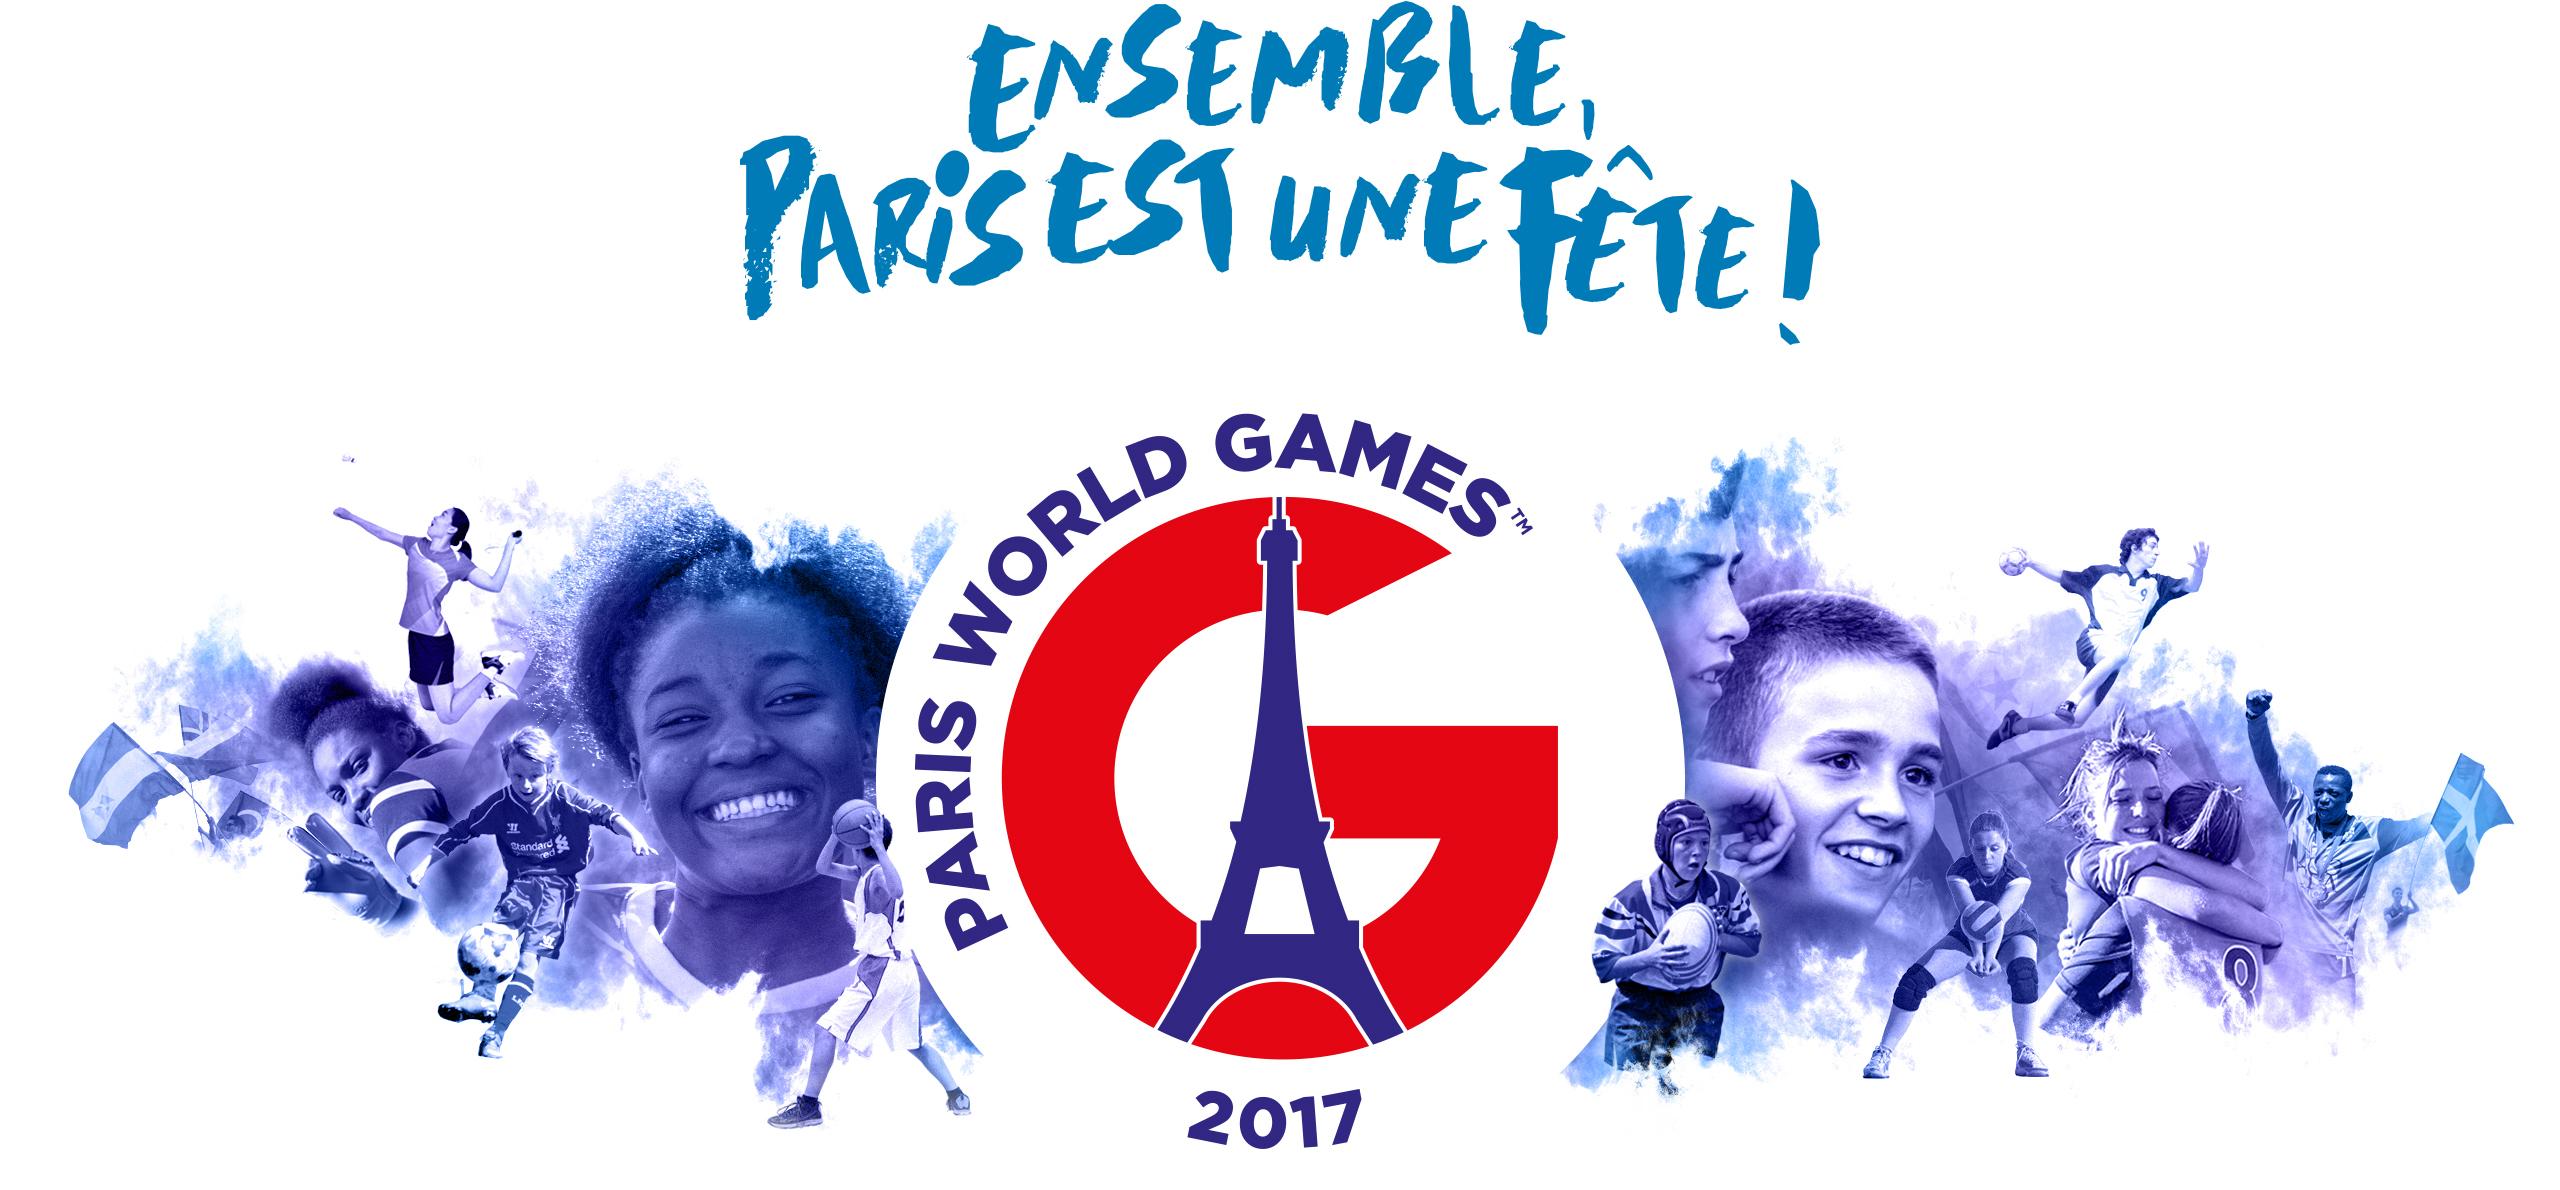 hebergement PARIS WORLD GAMES - auberge de la jeunesse - BVJ PARIS - FRANCE